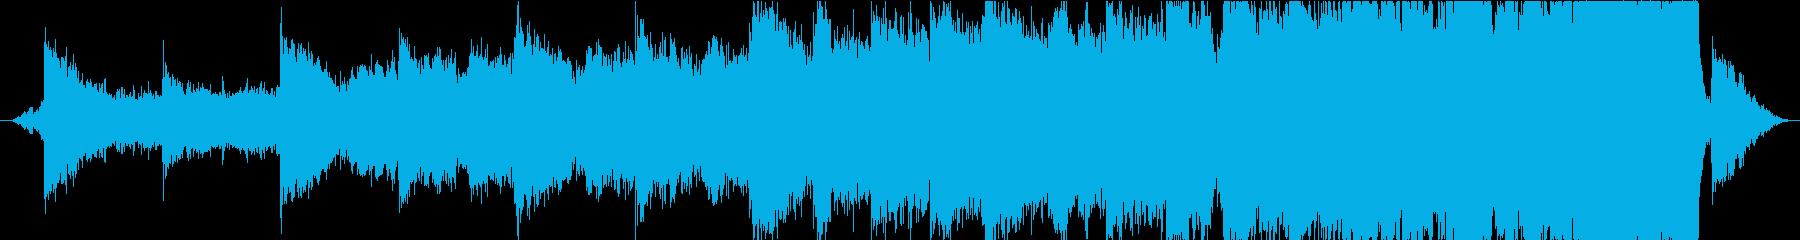 感動的トレーラーオーケストラ&クワイアの再生済みの波形